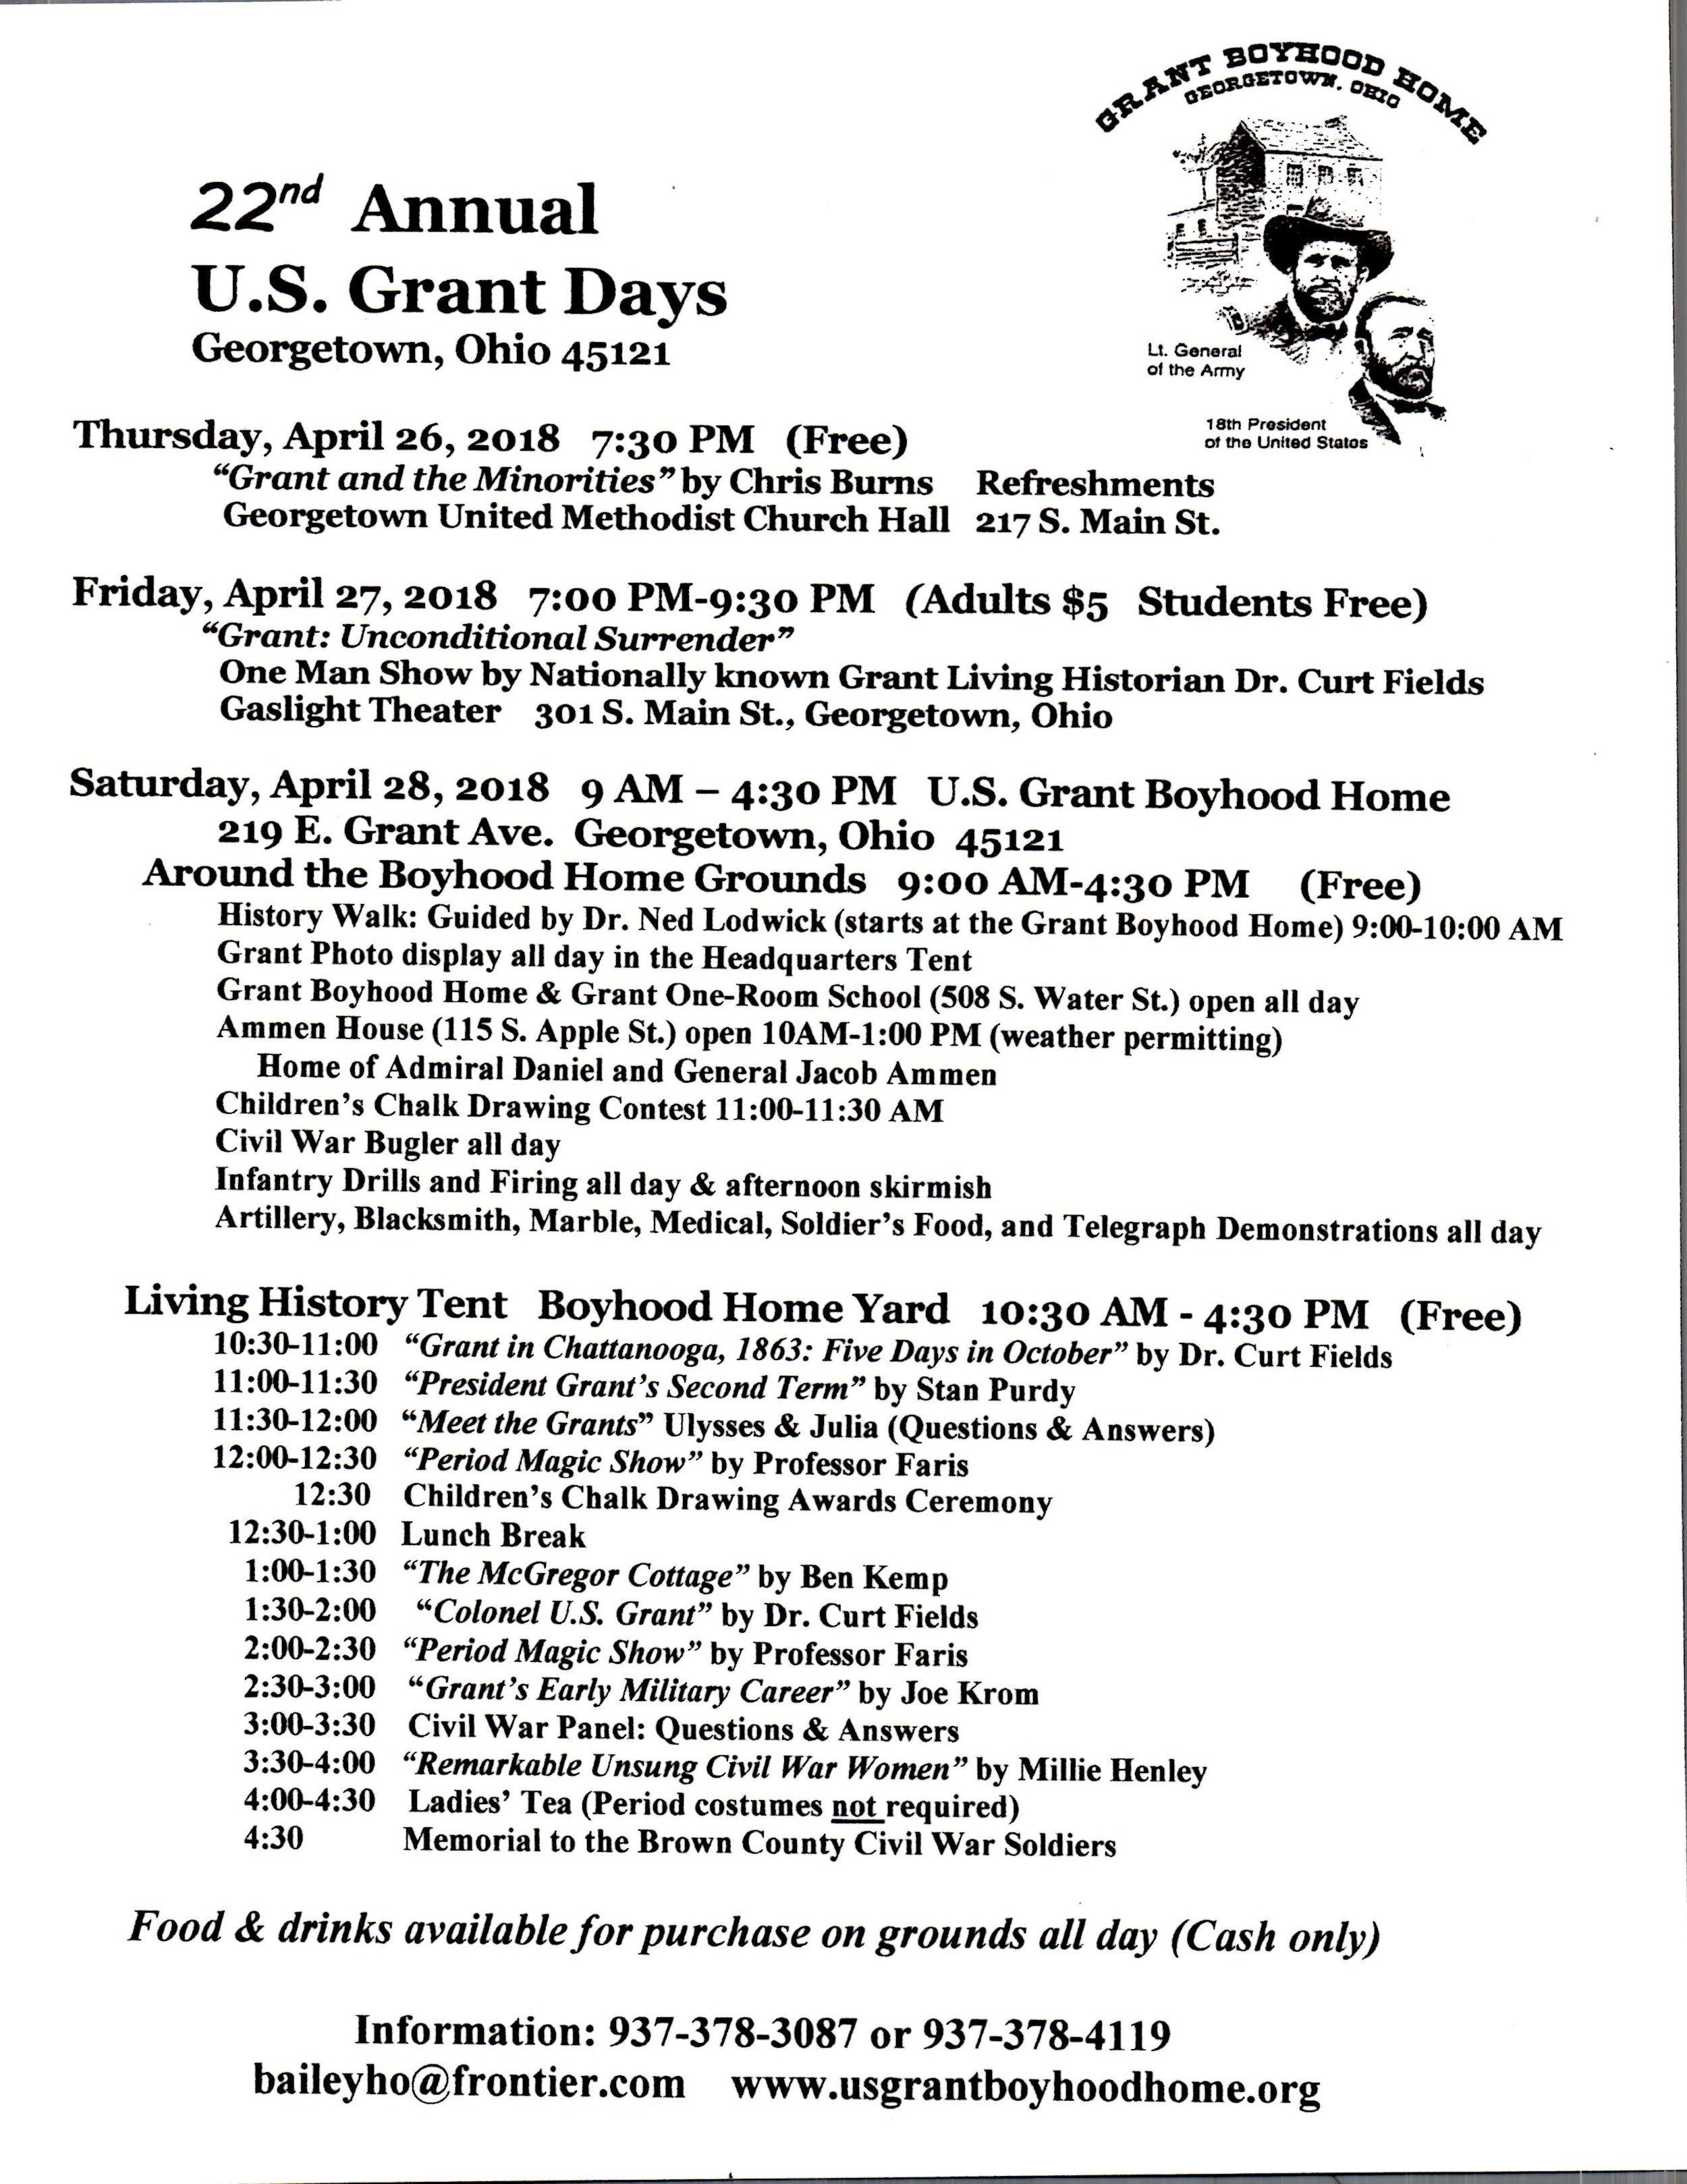 2018 Grant Day Schedule  wLogo.jpg